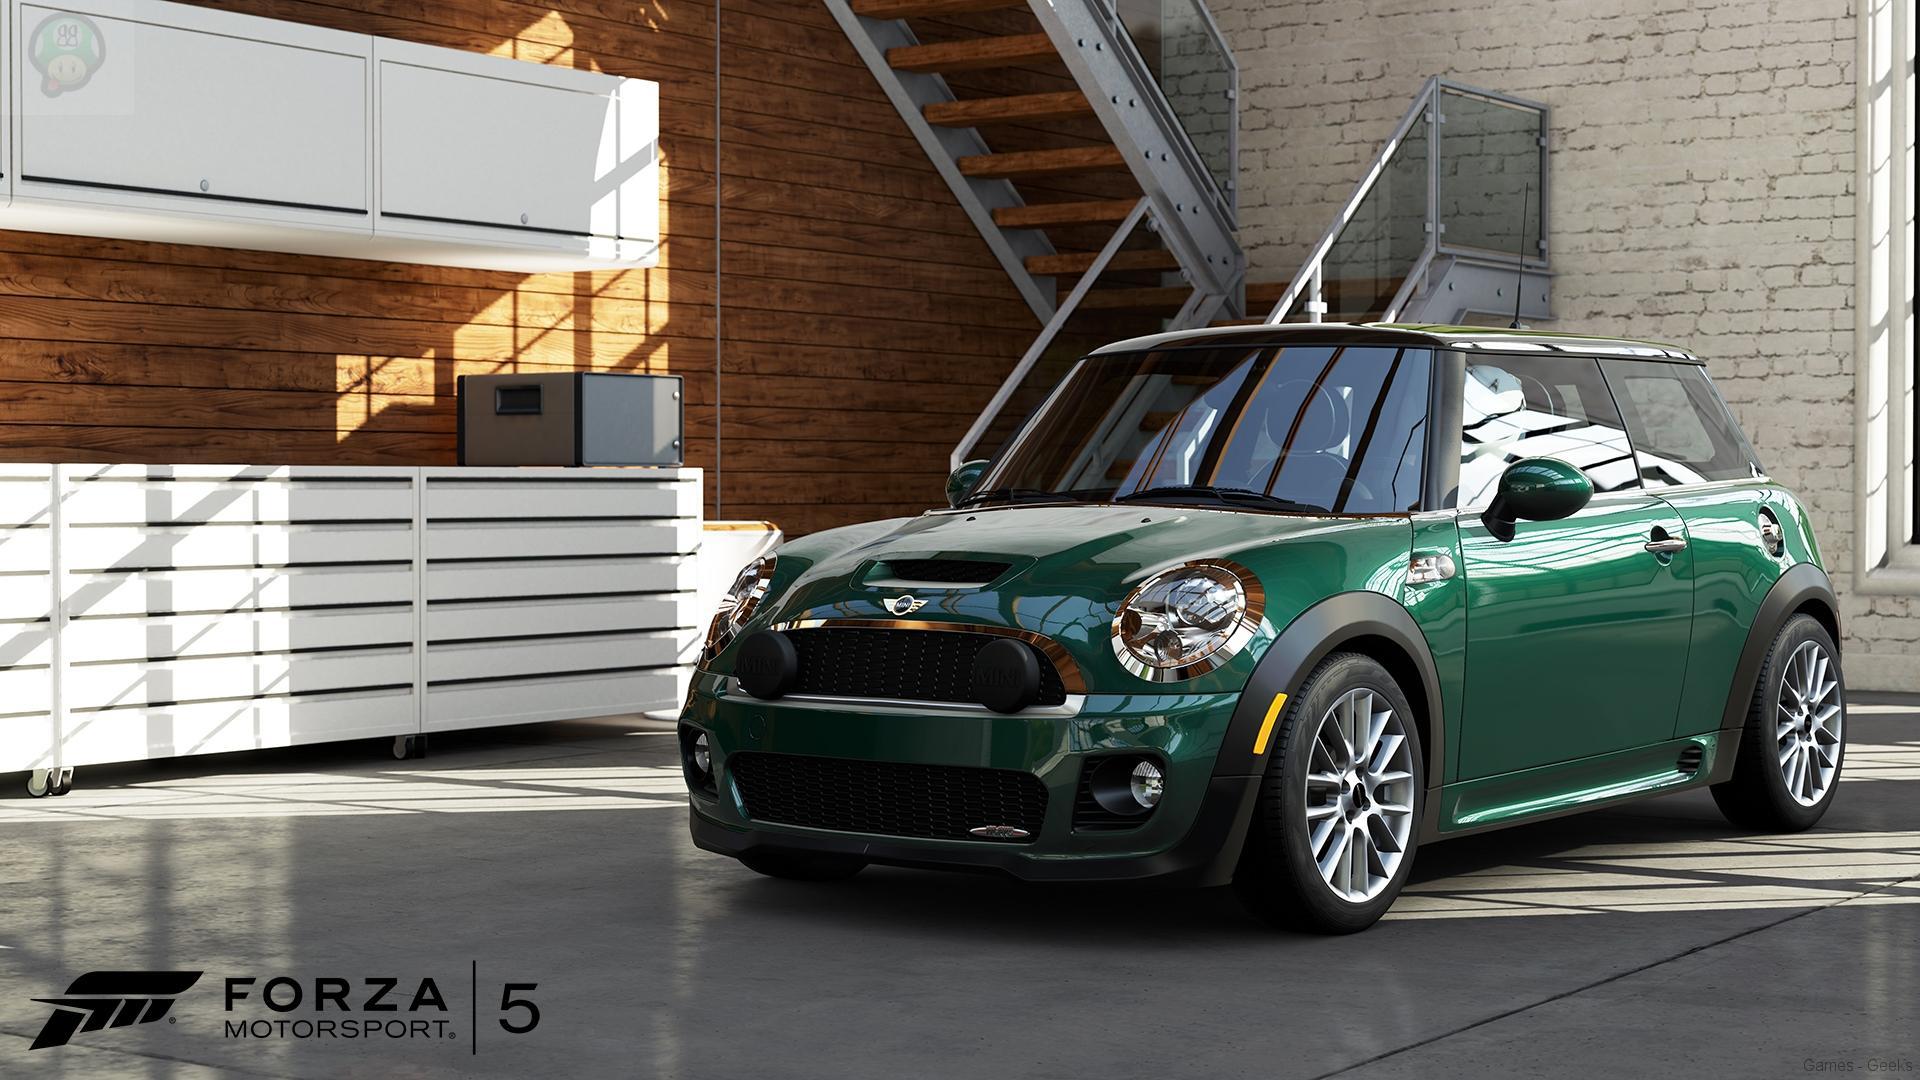 forza5-carreveal-mini-johncooperworks-wm-nnkkjj Forza 5 : 4 nouvelles voitures dévoilées